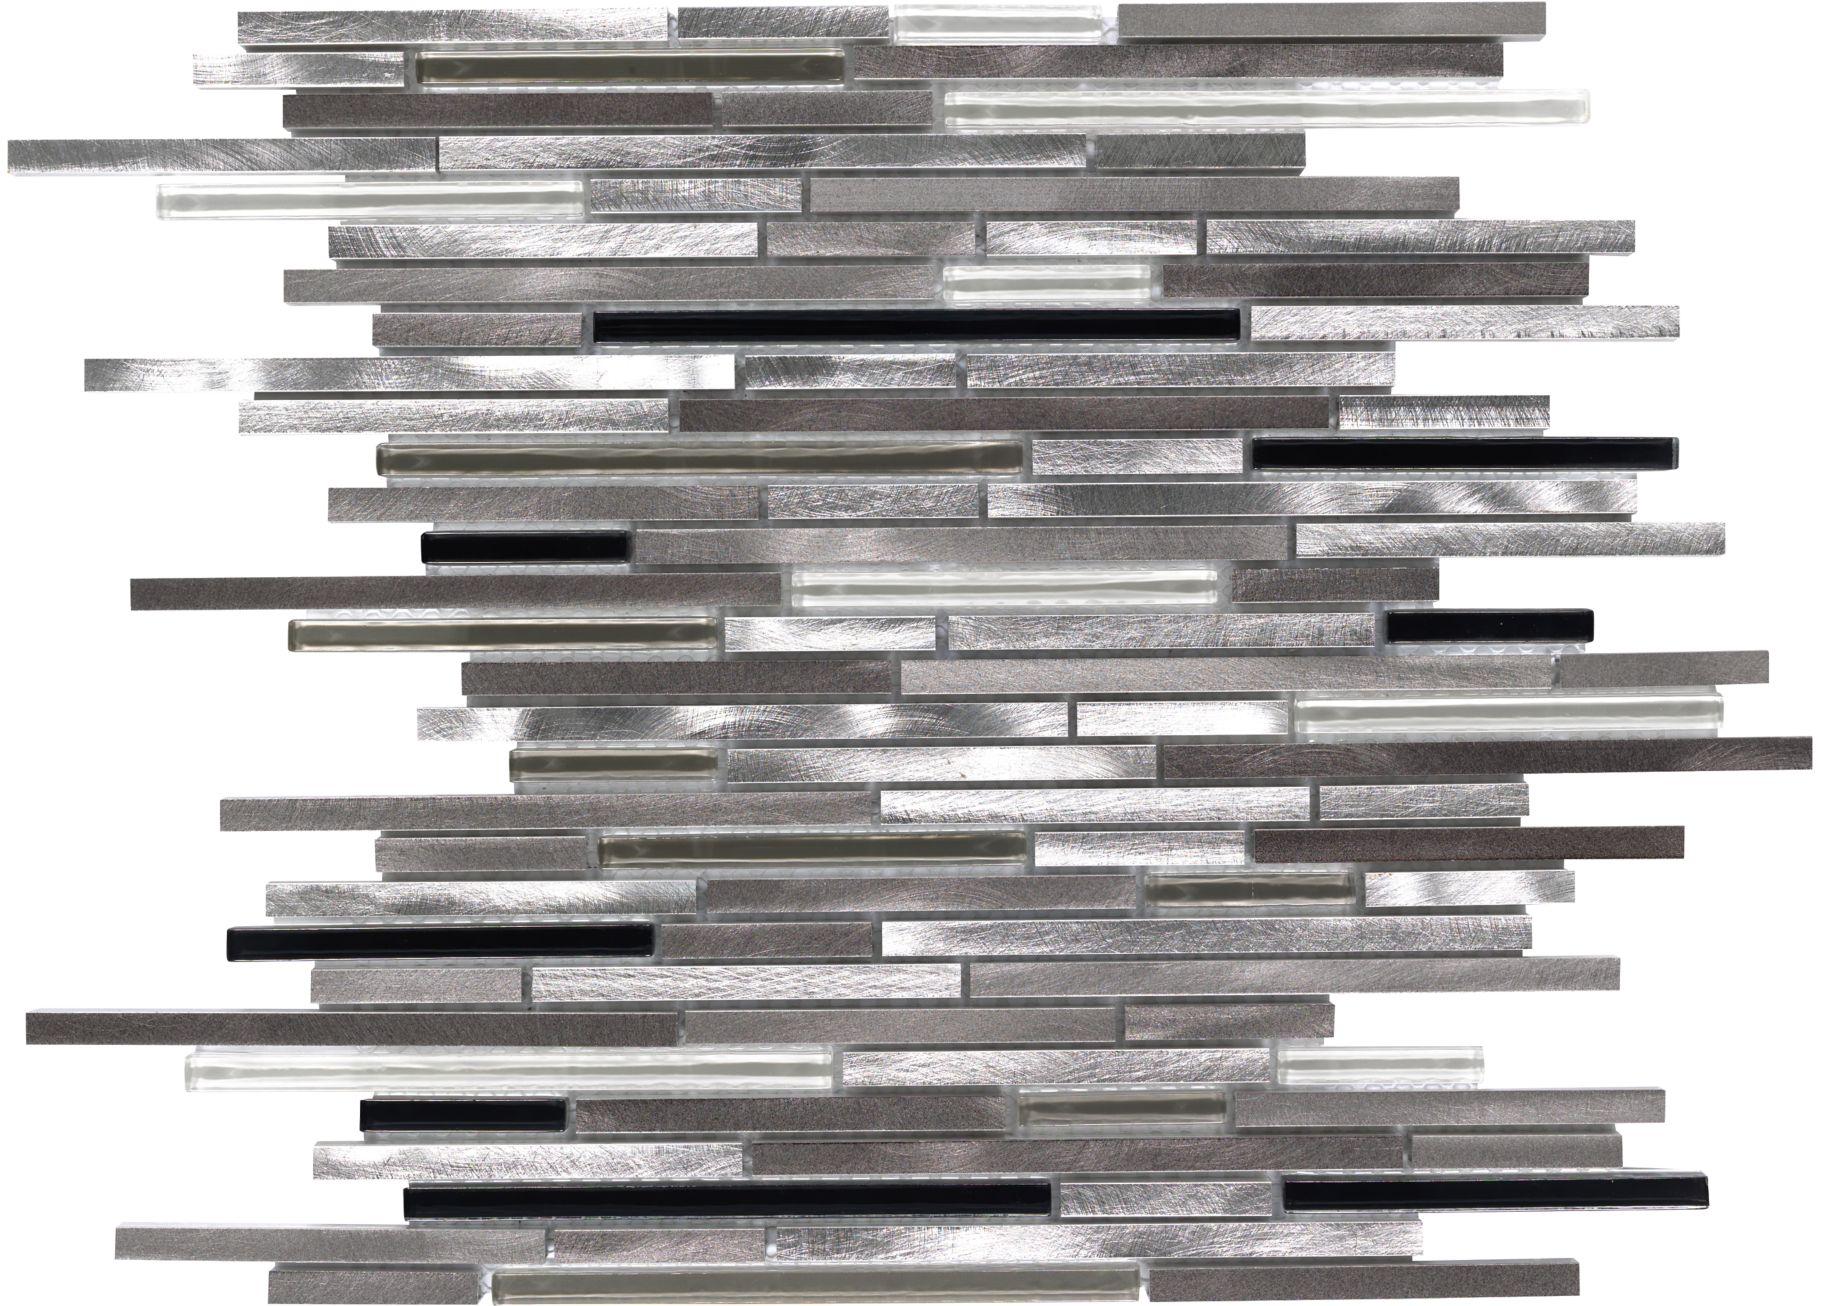 CeramicPorcelainTile Arbor Metals Titanium  main image